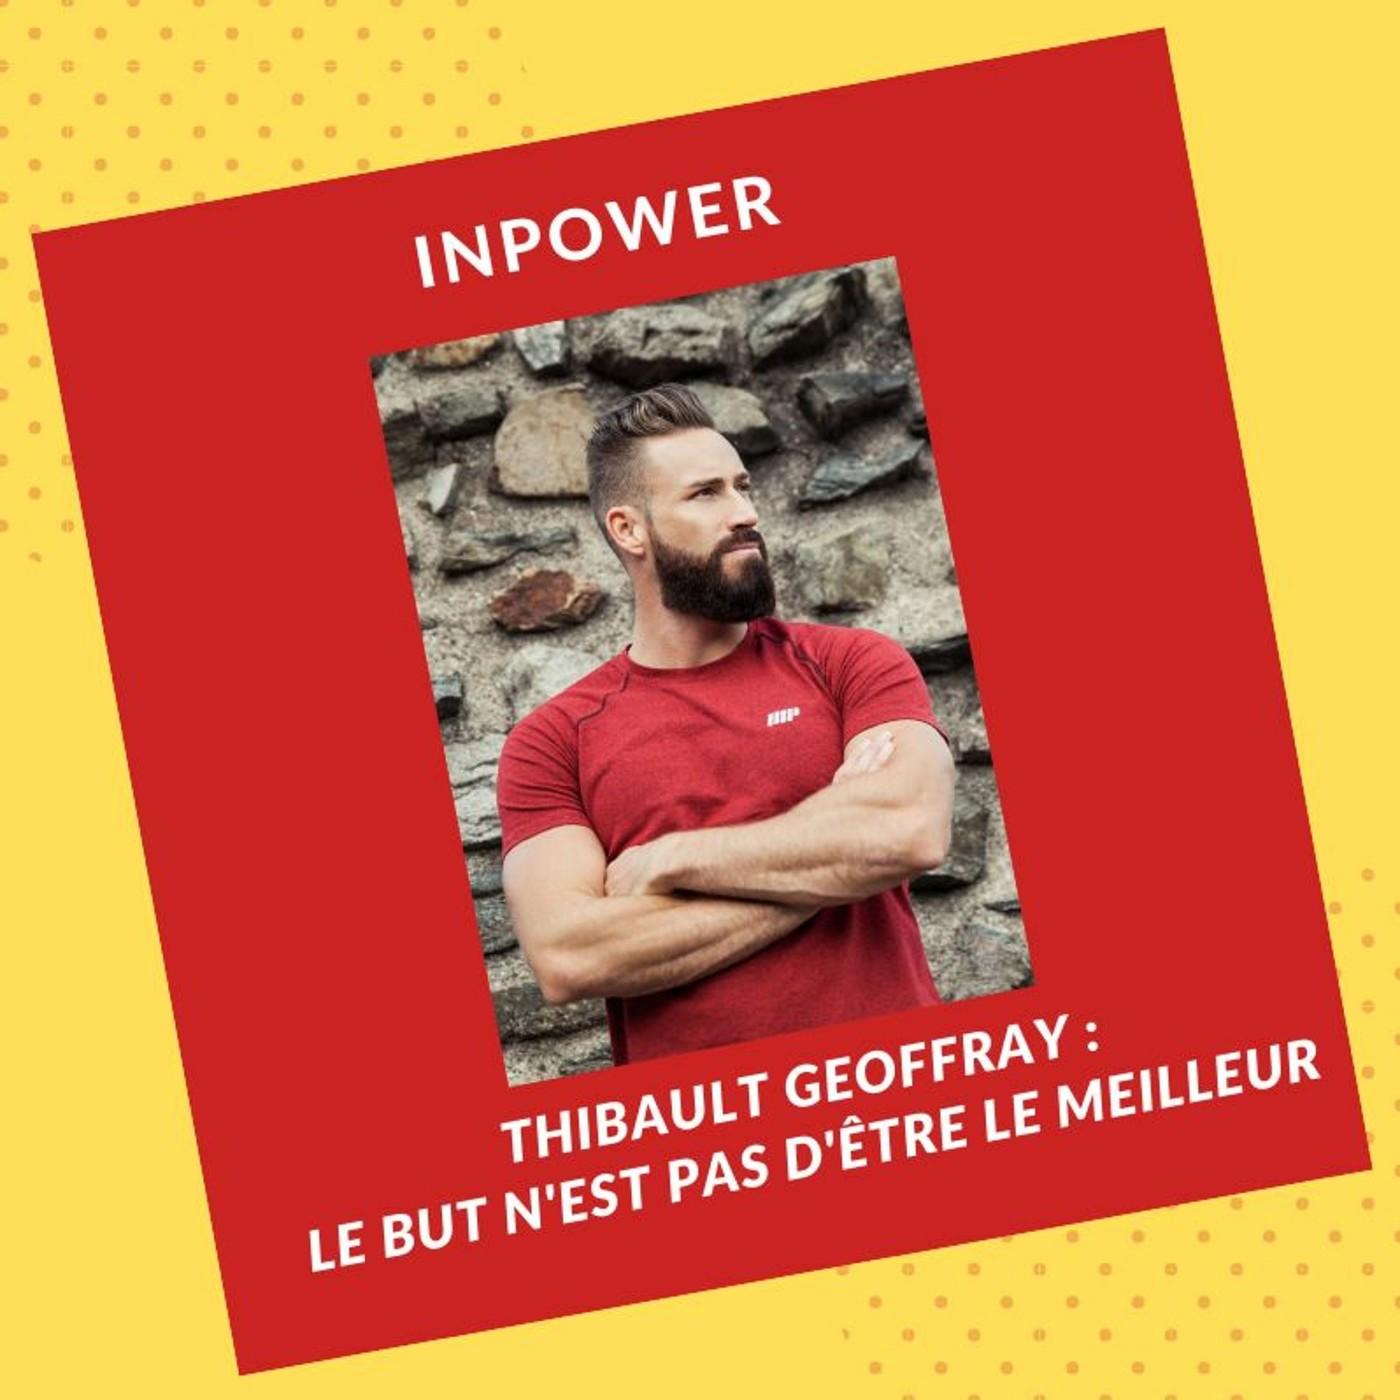 Thibault Geoffray - Le but n'est pas d'être le meilleur